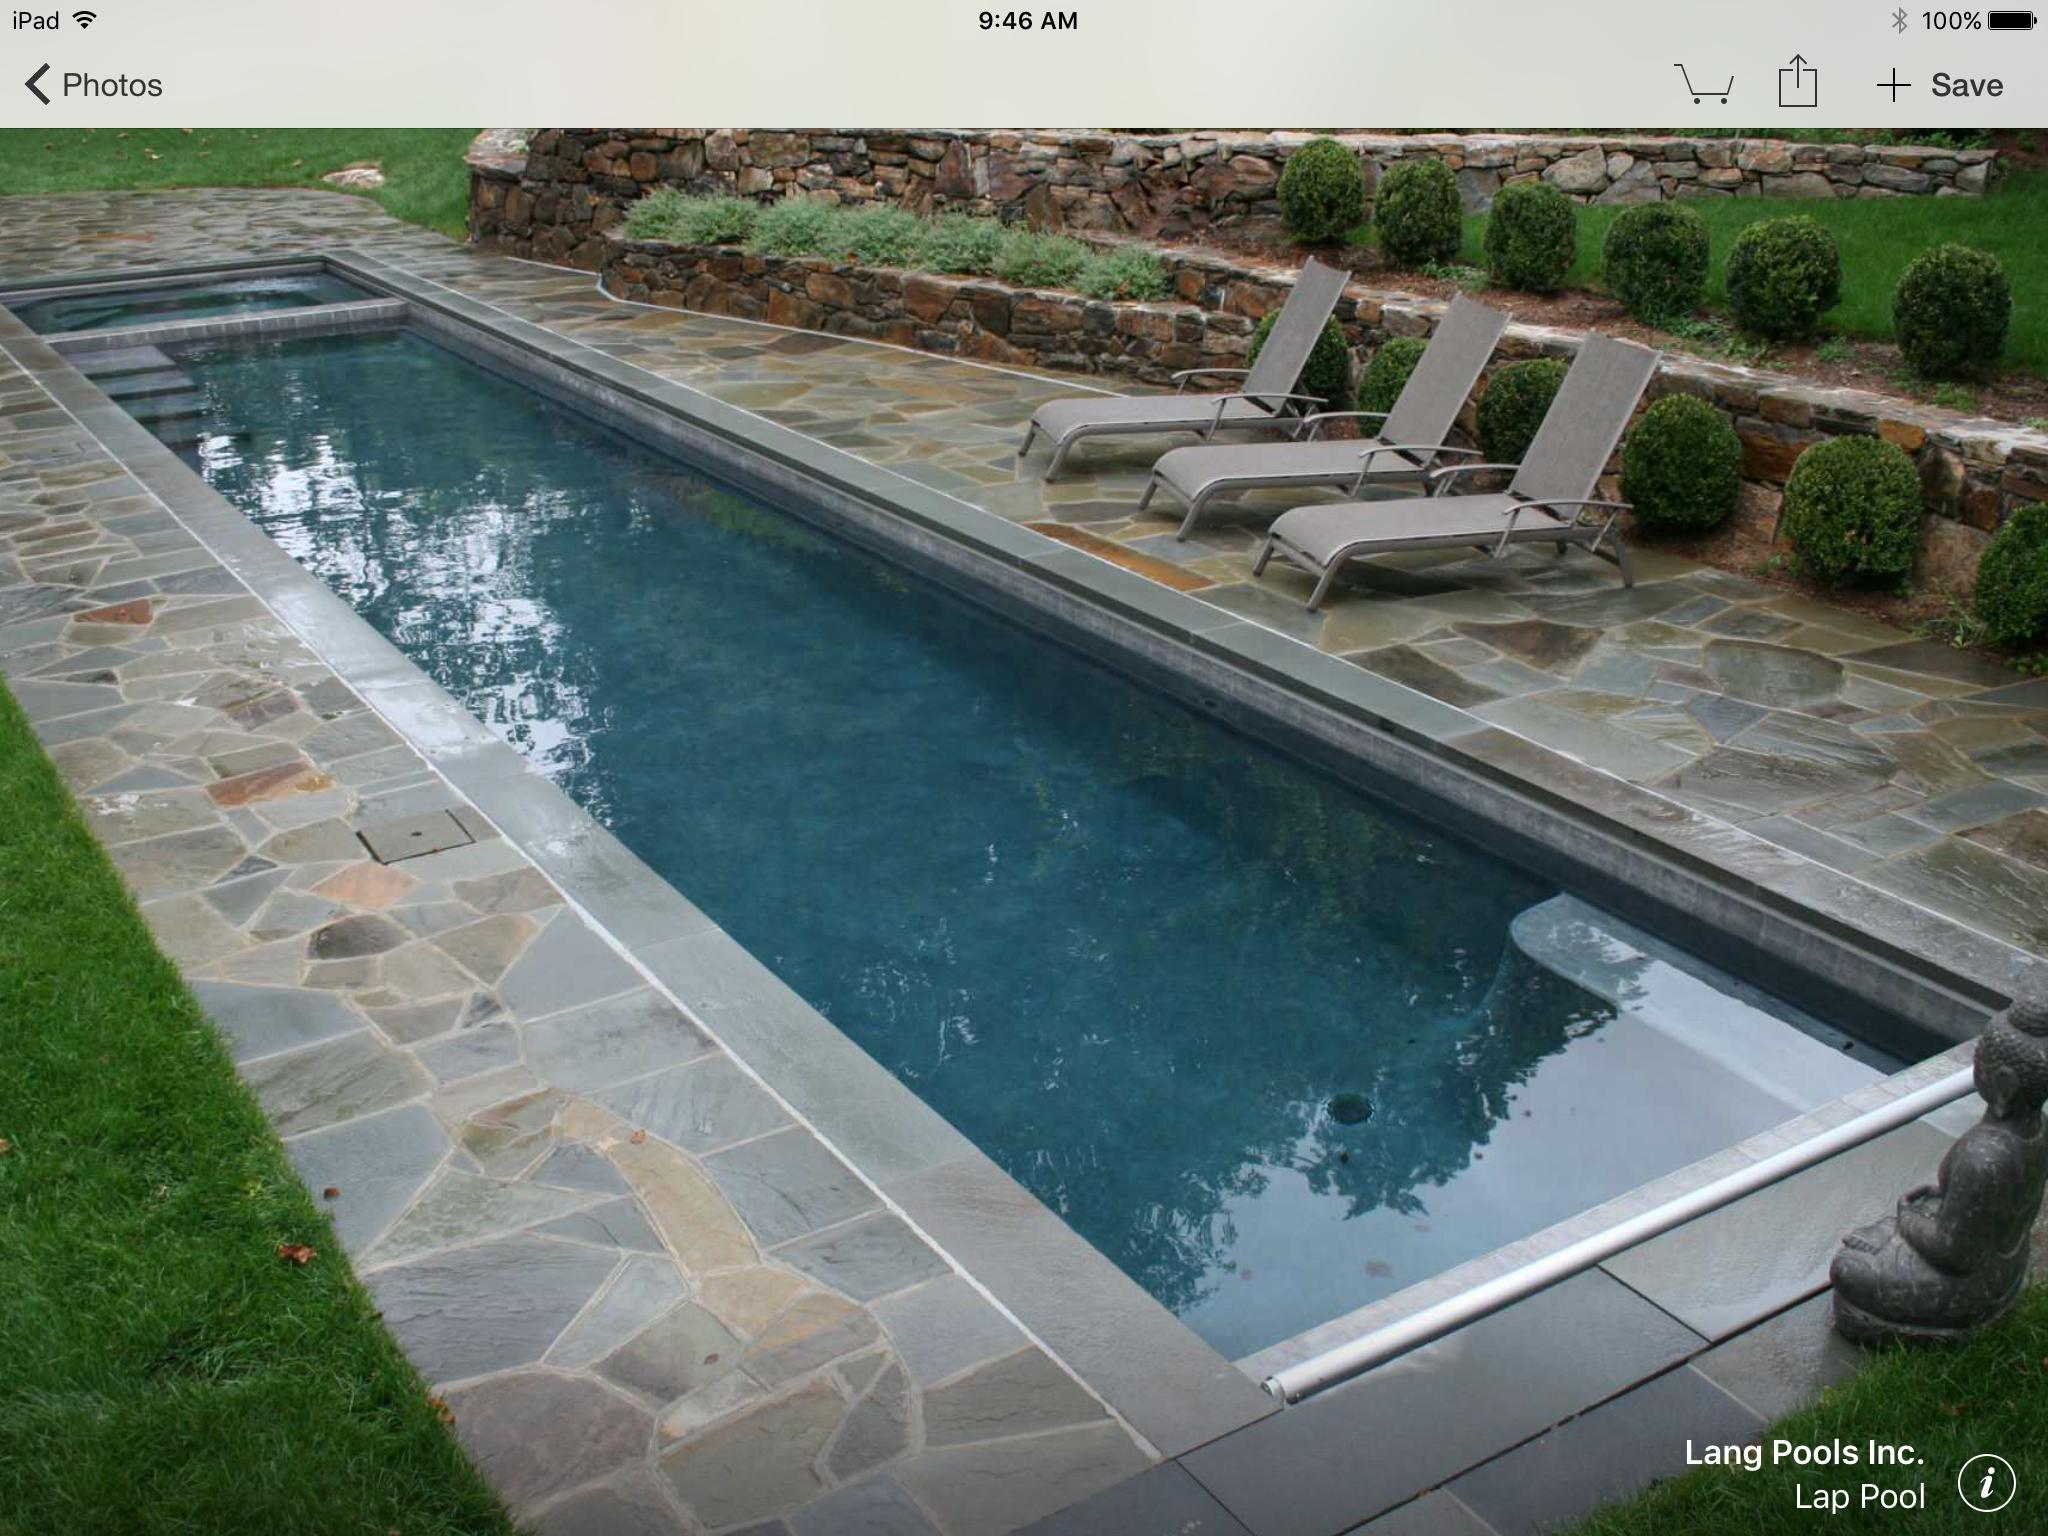 Beckenformen, Langer Pool, Schwimmbecken, Hinterhofideen, Gartenideen, Pool  Anlagen, Aussenpool, Chaiselongues, Große Häuser